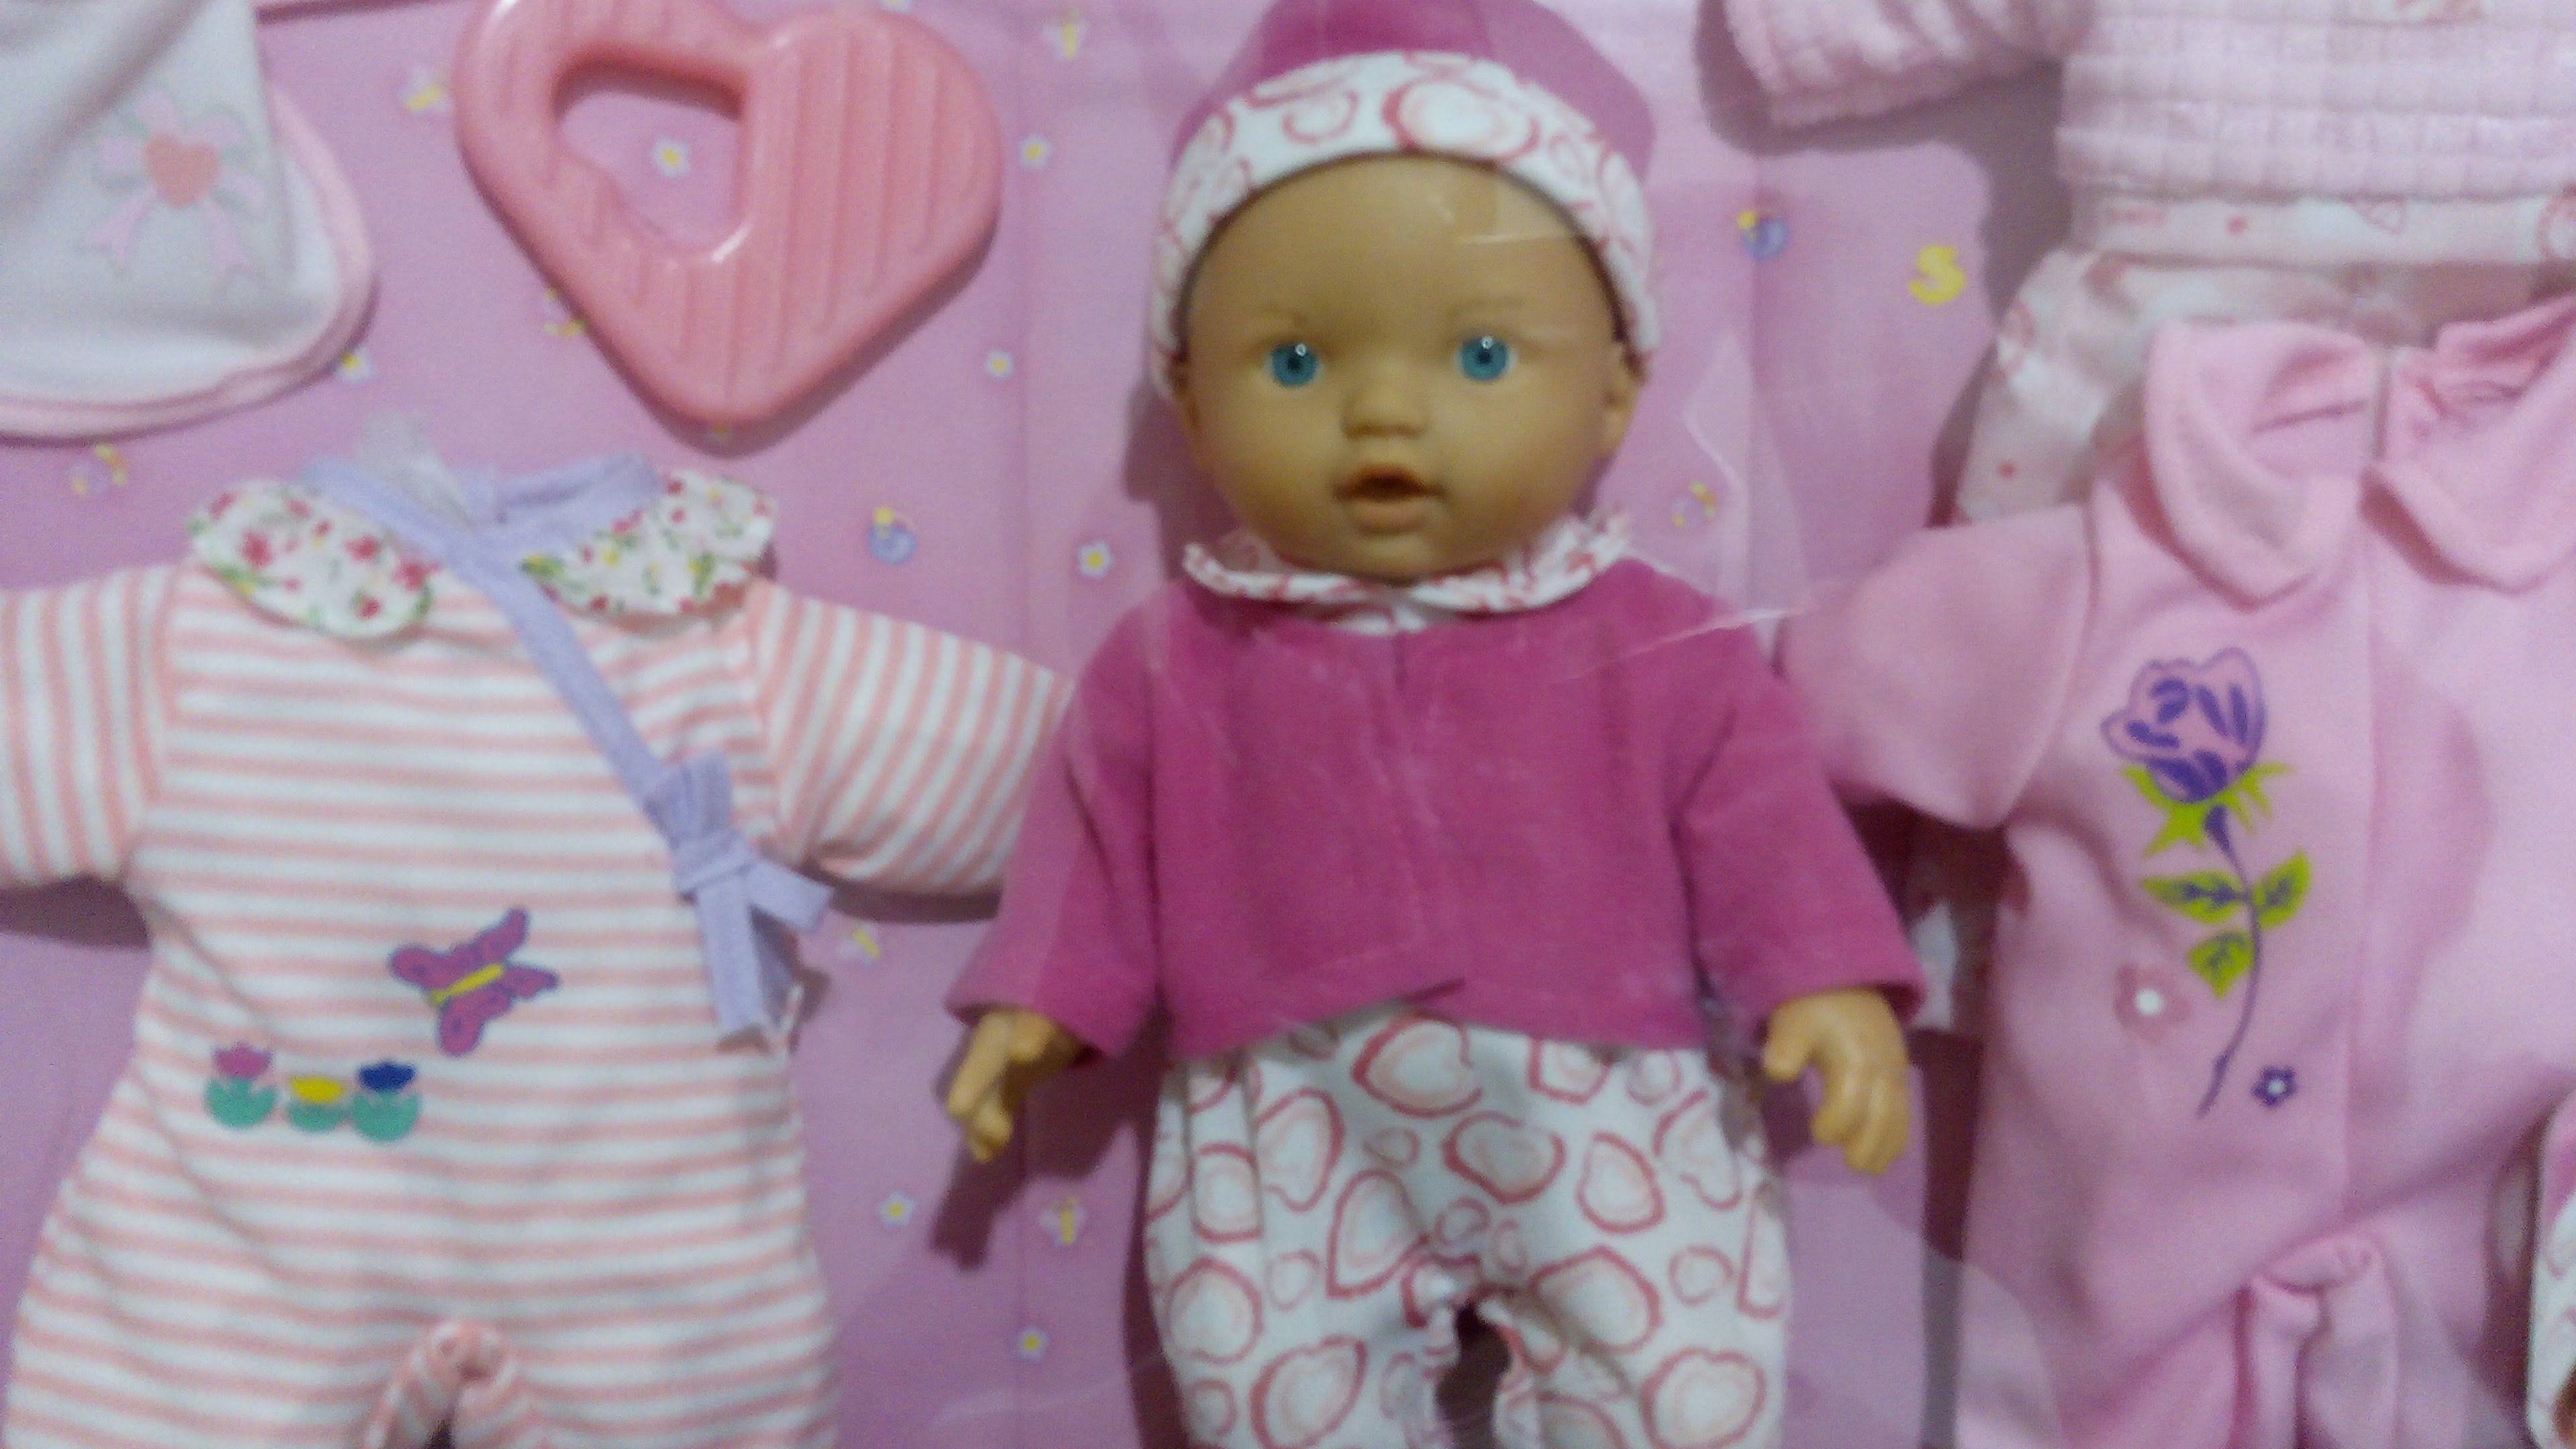 العاب تلبيس الطفل البيبي الصغير العاب بنات 3 أطقم ملابس العاب عبير Best Kids Toys Kids Toys Cool Kids